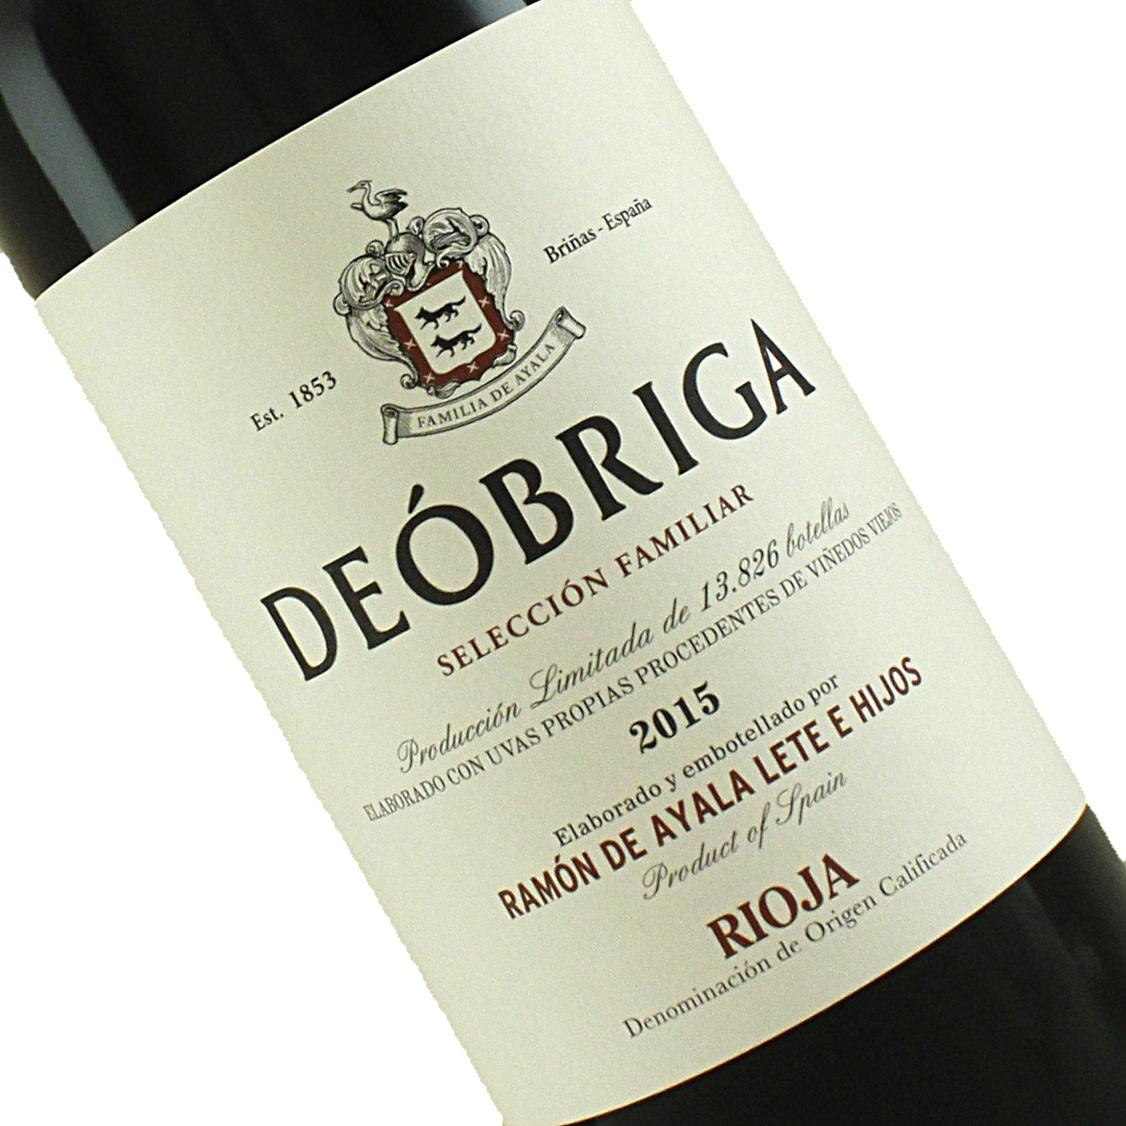 Deobriga 2015 Rioja Seleccion Familiar, Rioja Spain